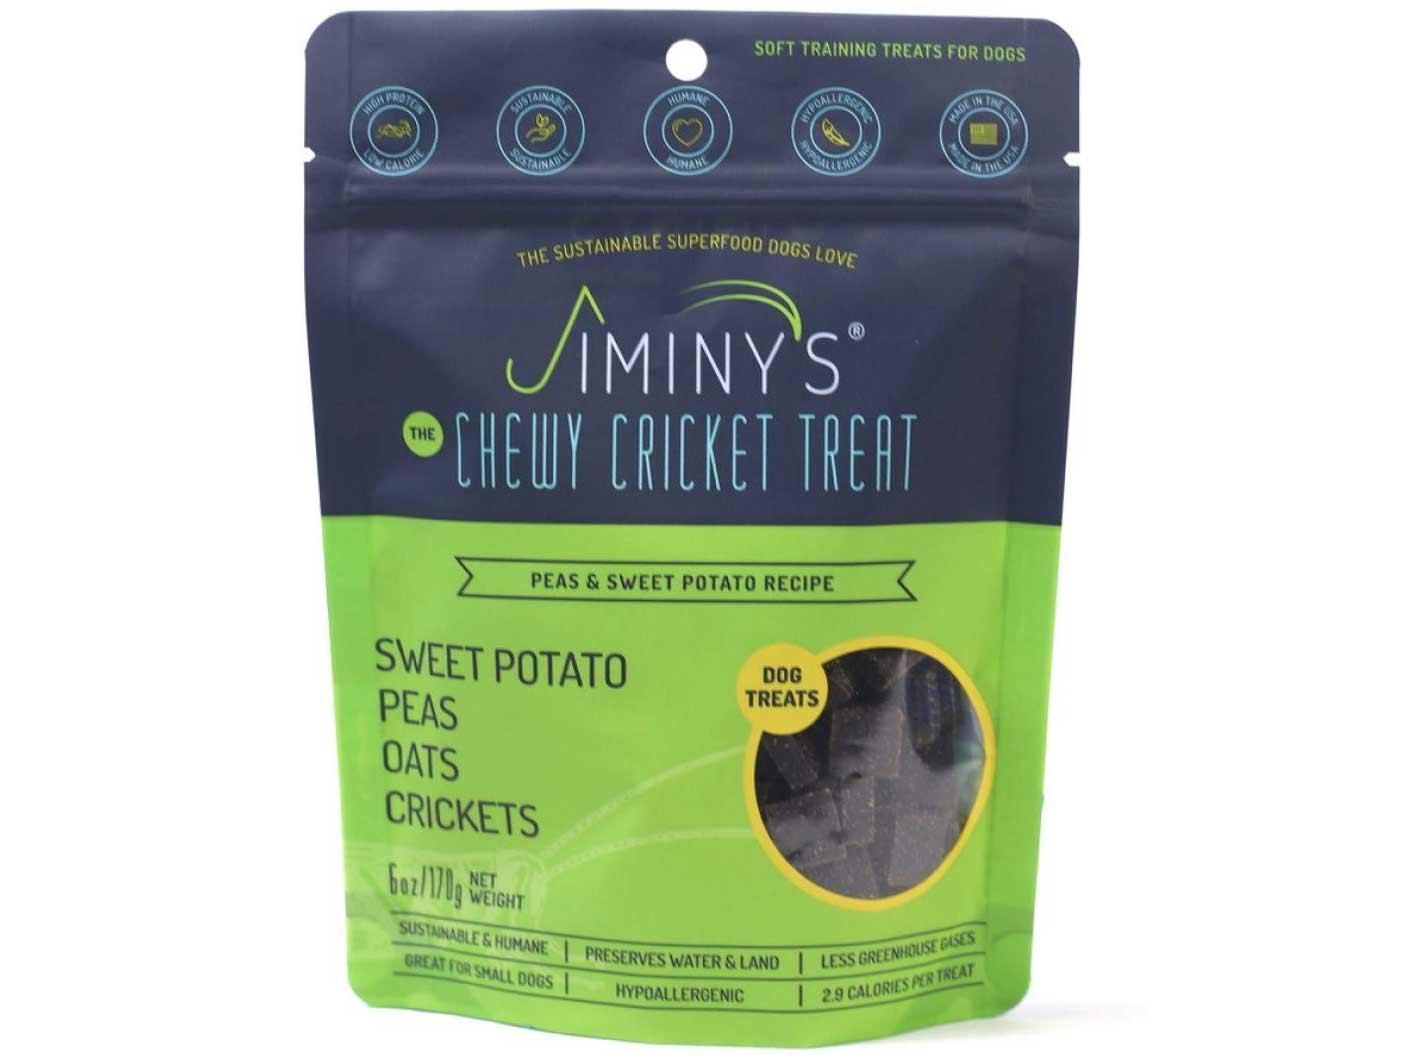 Jiminy's Original Cricket Dog Treats